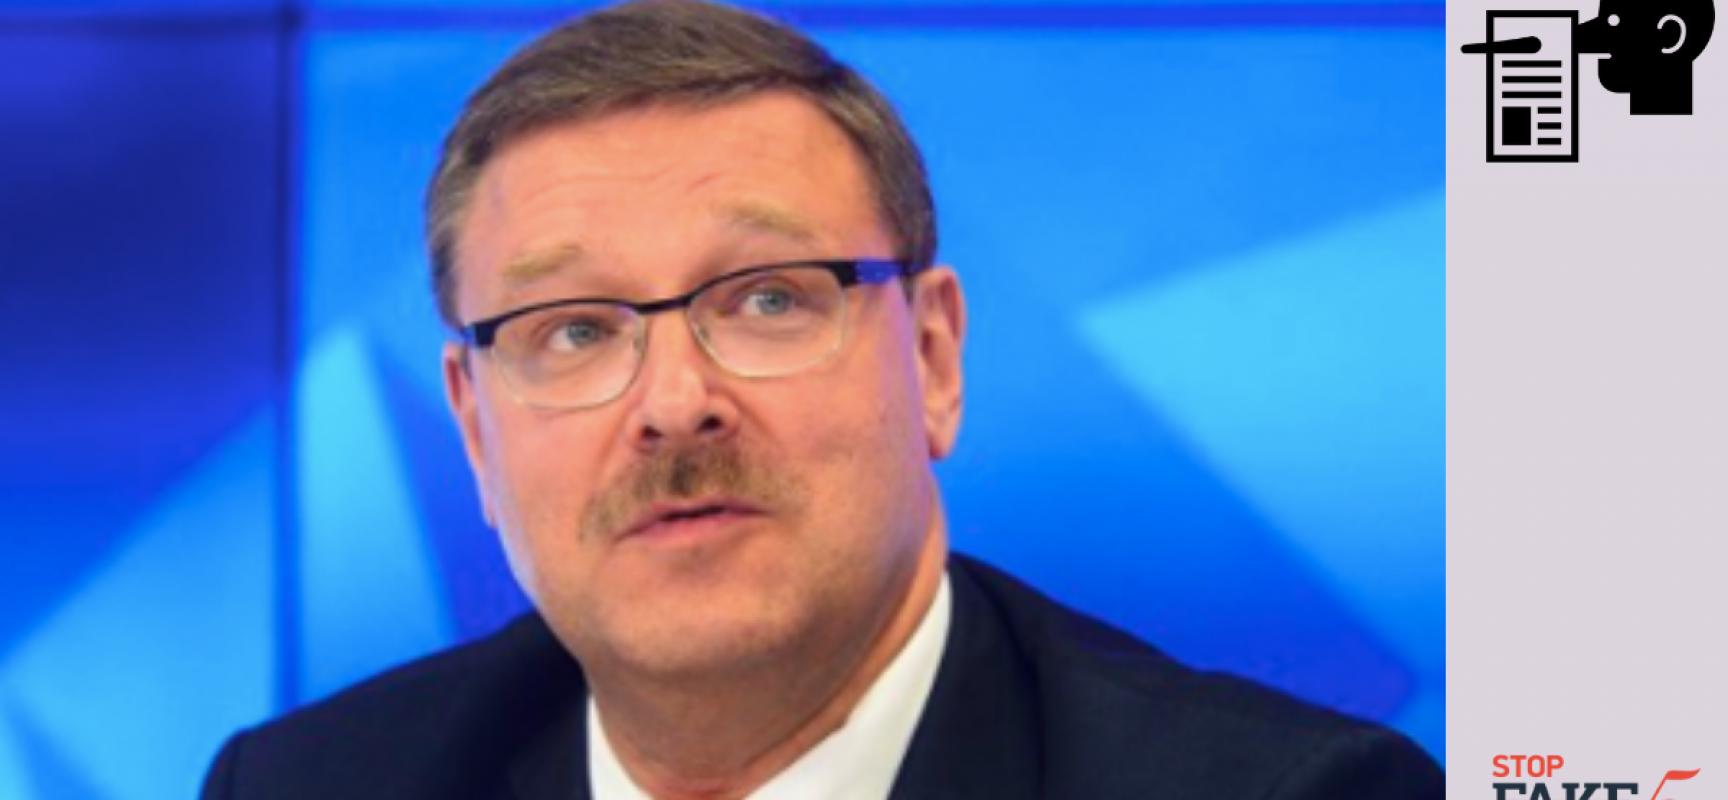 Fake : in UCraina è reato opporsi a NATO ed Europa